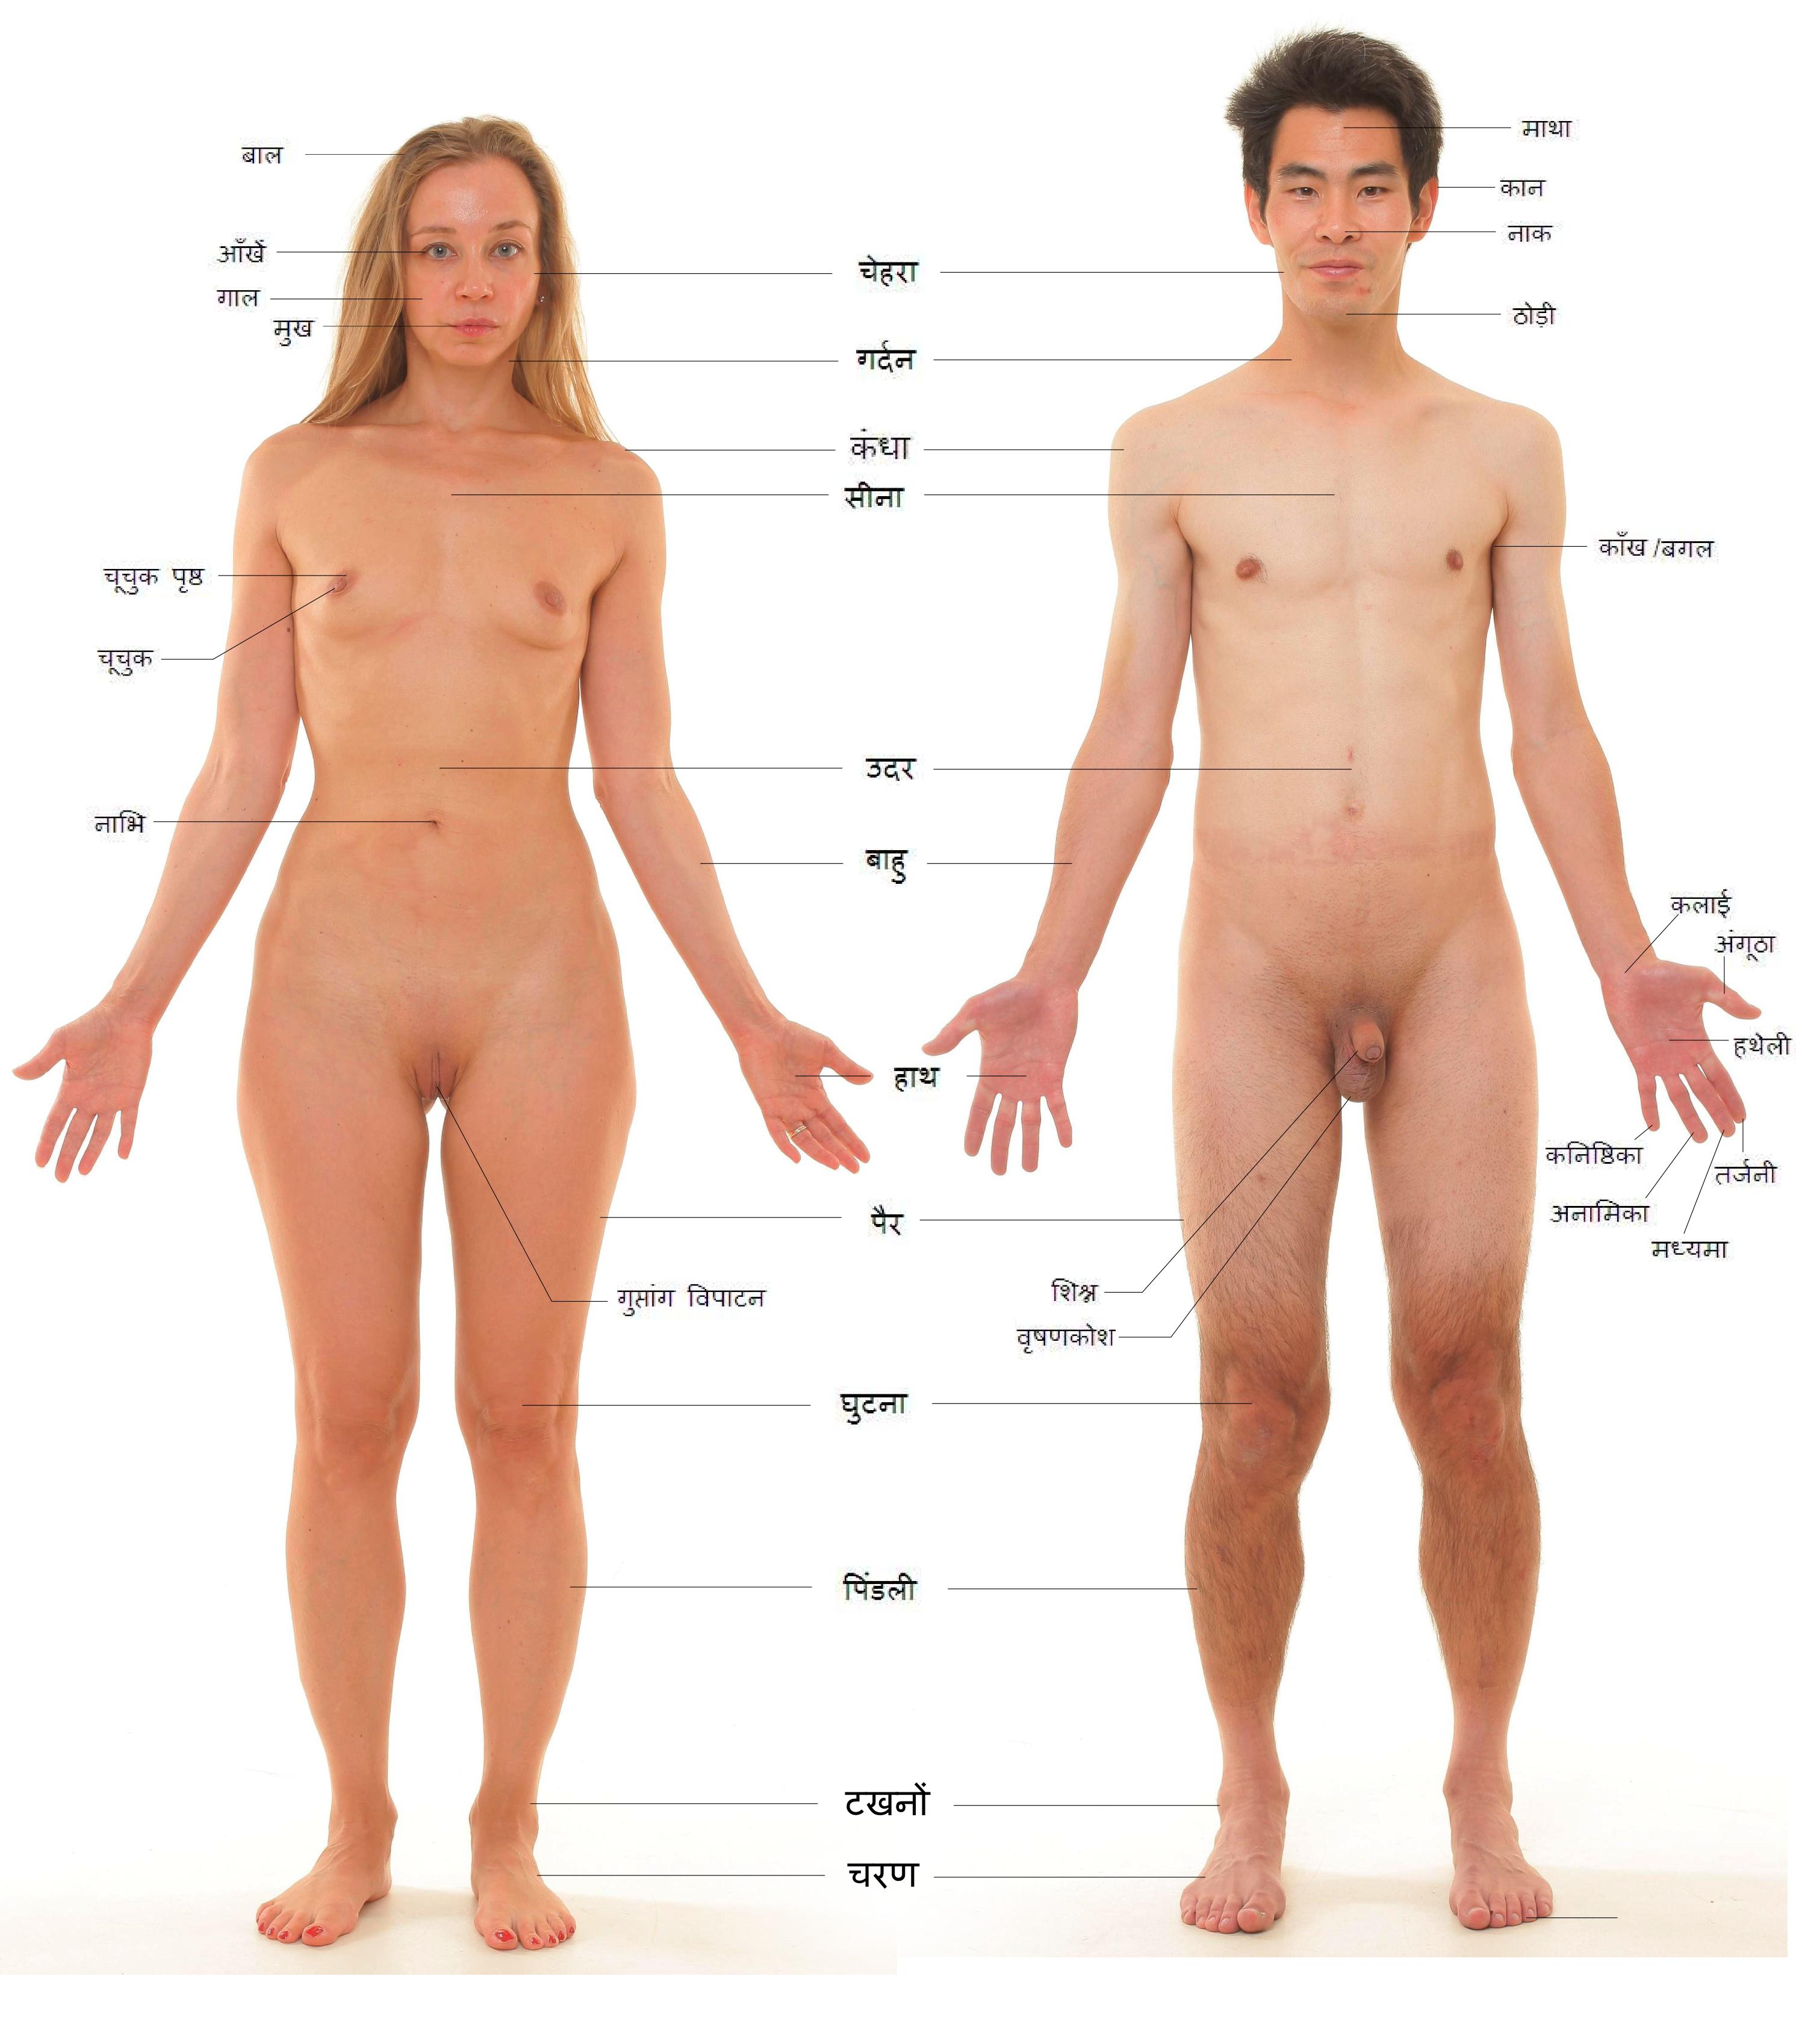 and male human body with labels. Français : Vue antérieure de humain de sexe féminin et masculin. Plus d'informations sur l'image originale en anglais: